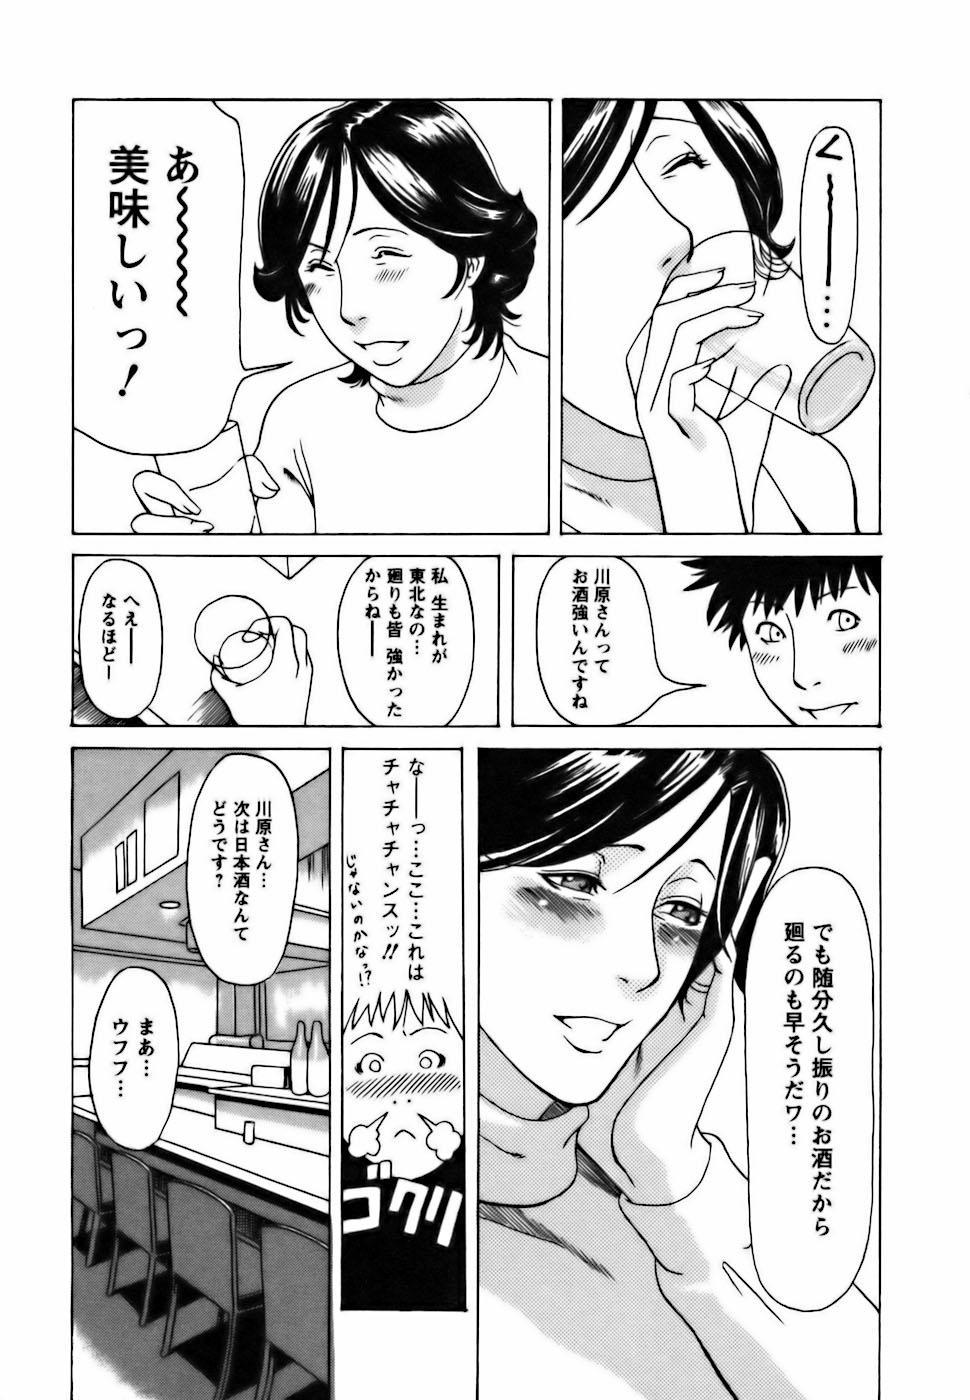 Cafe e Youkoso 196